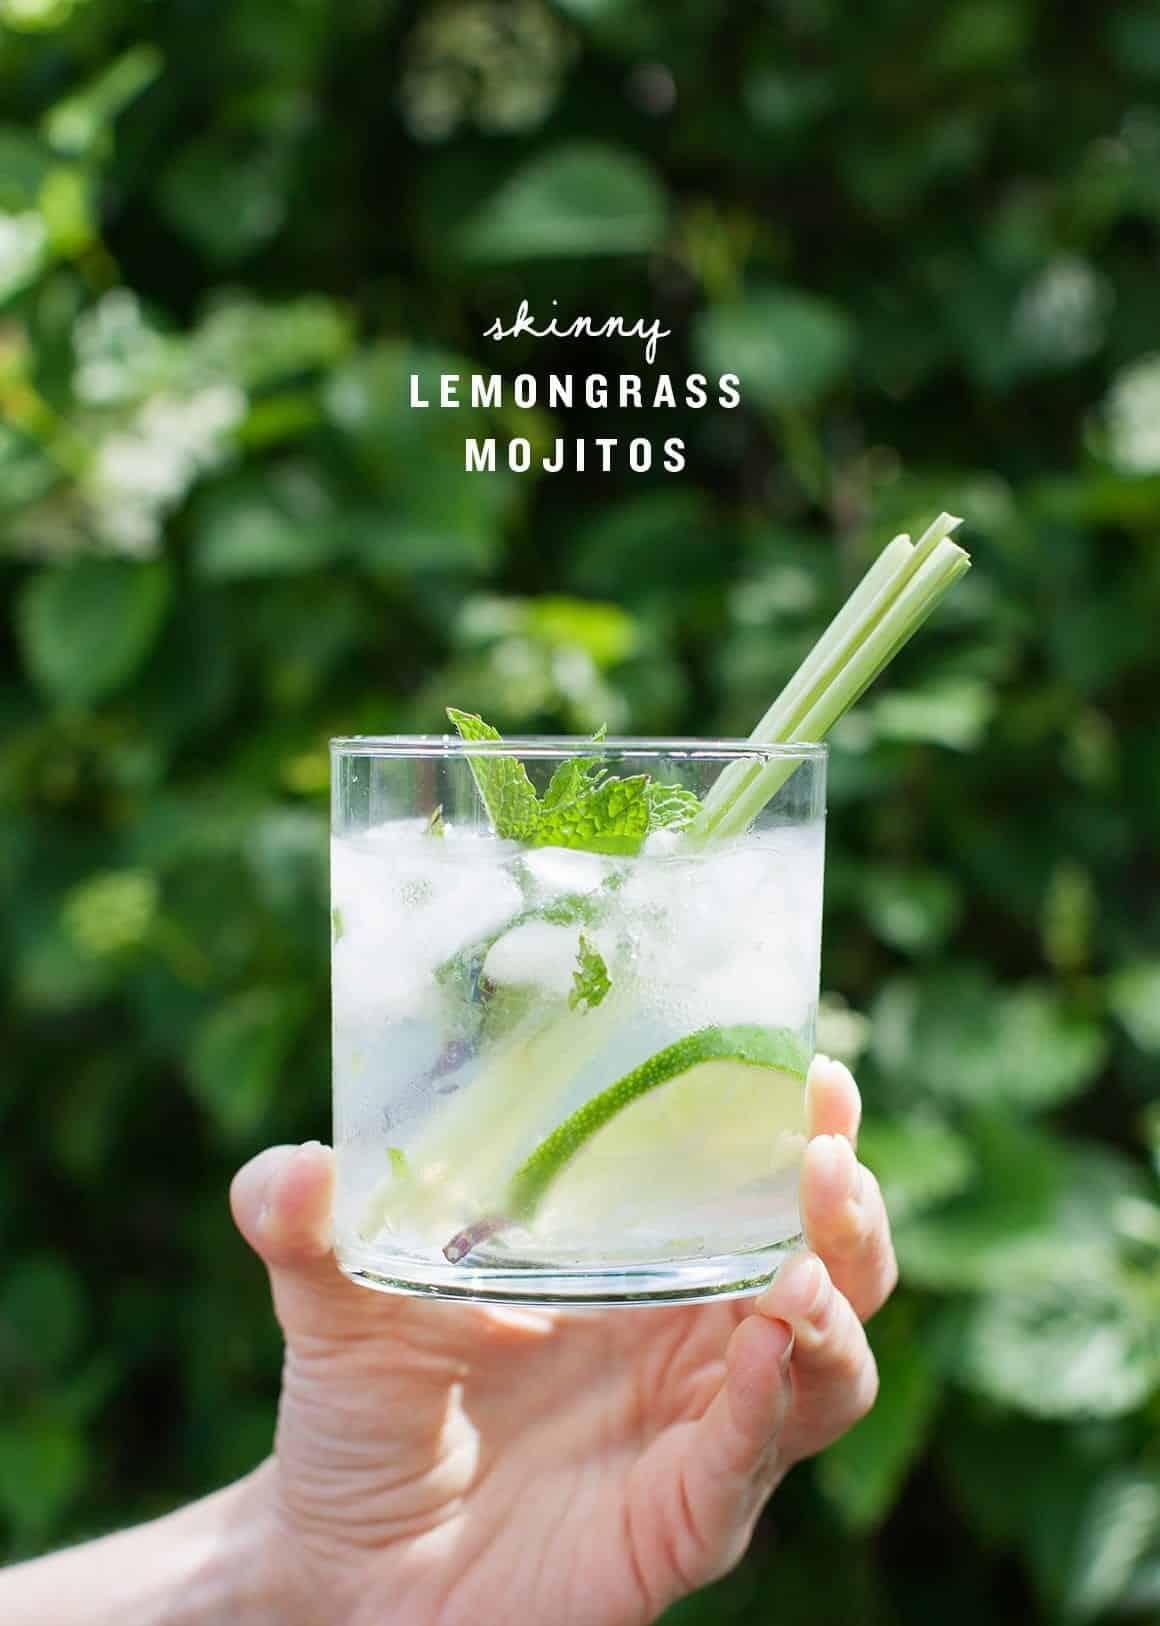 Skinny Lemongrass Mojitos